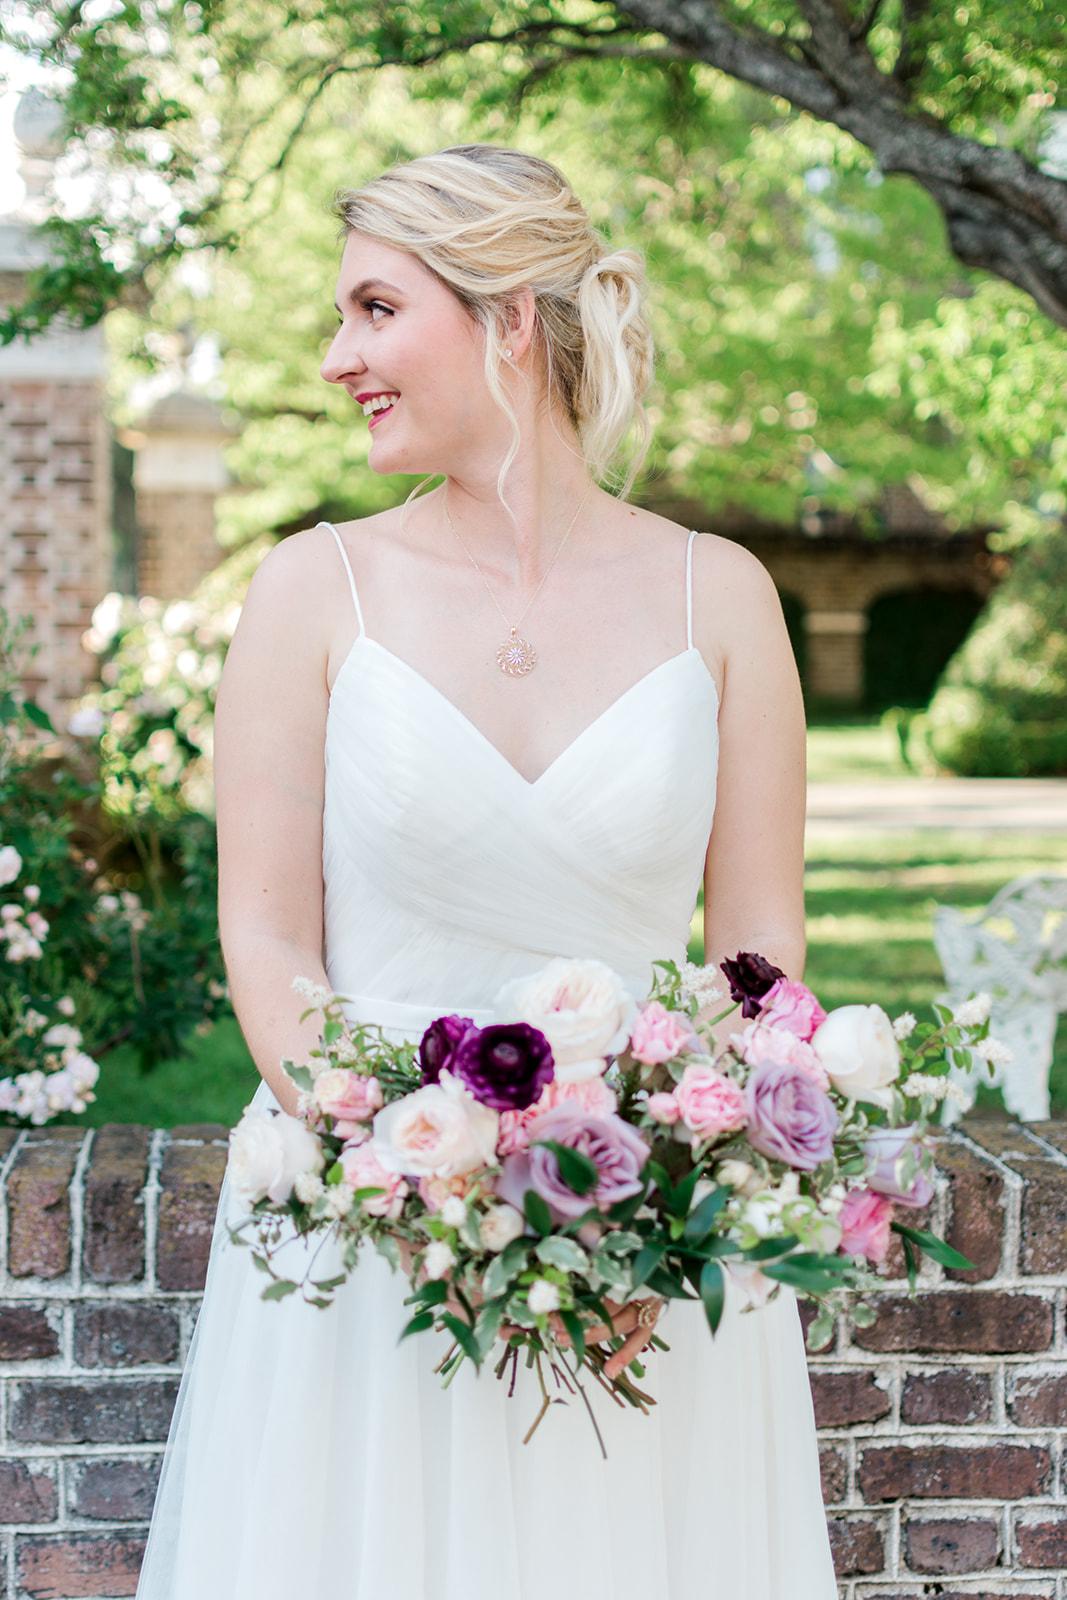 ivory-and-beau-savannah-bridal-shop-weight-loss-tips-for-brides.jpg